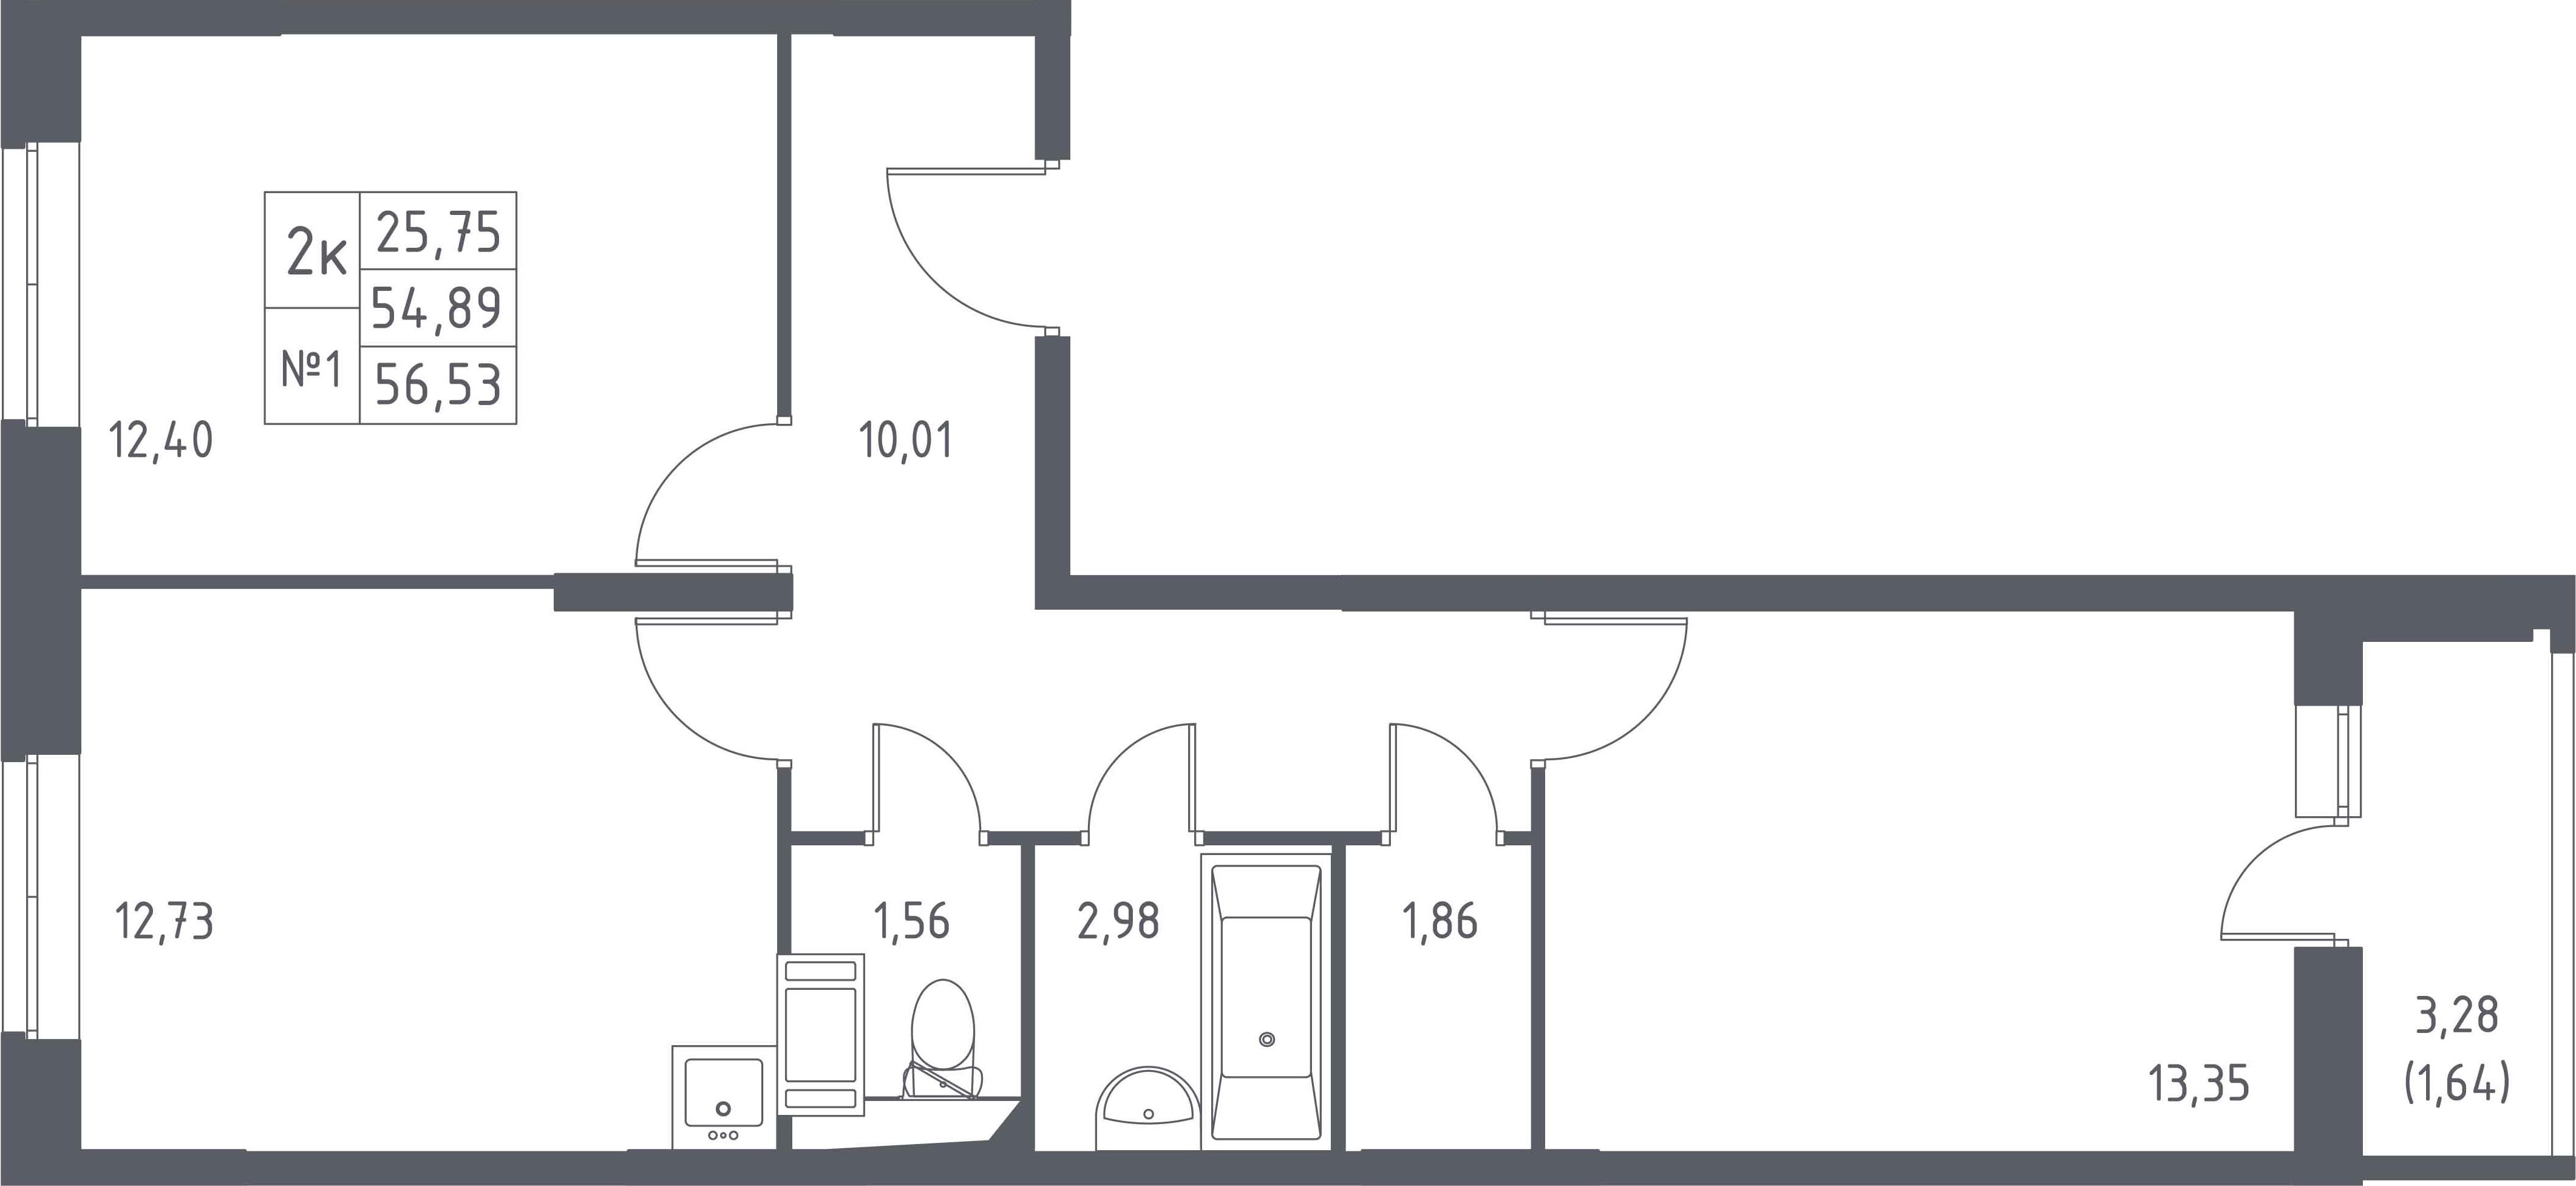 2-комнатная, 56.53 м²– 2